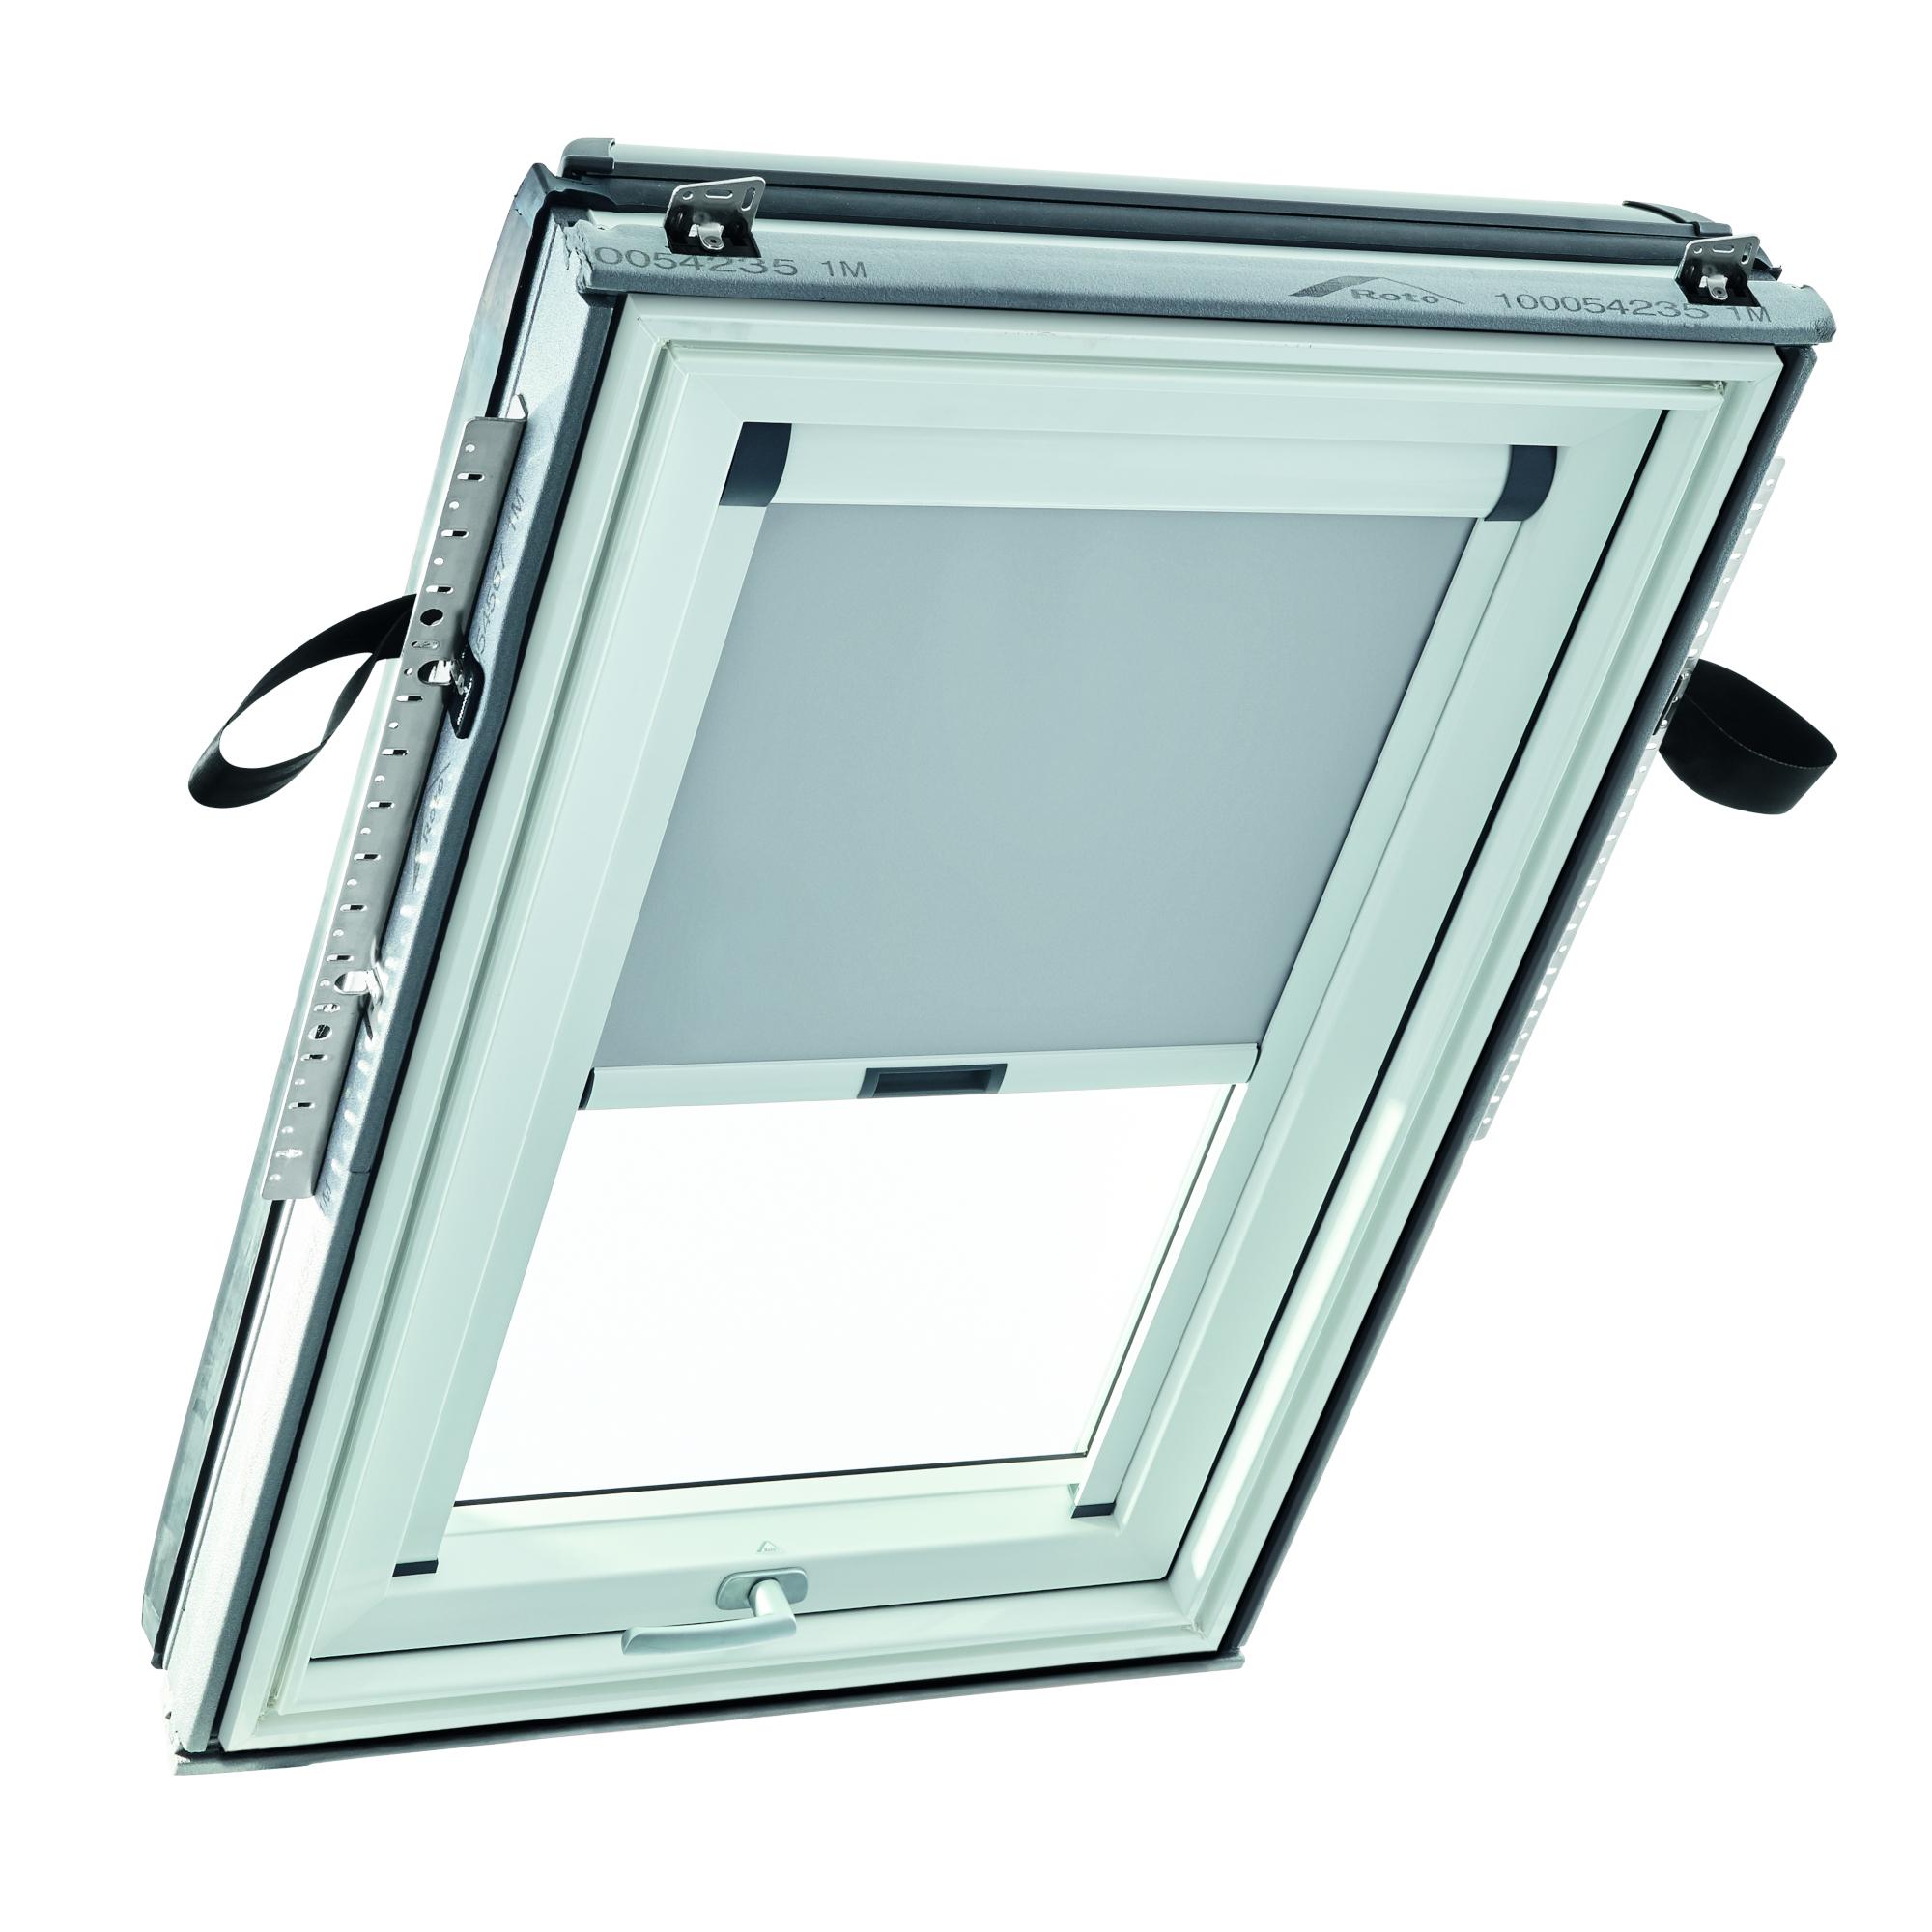 Roleta zatemňujicí ROTO ZRV pro okna R4/R7 barva bílá 650×1180 mm